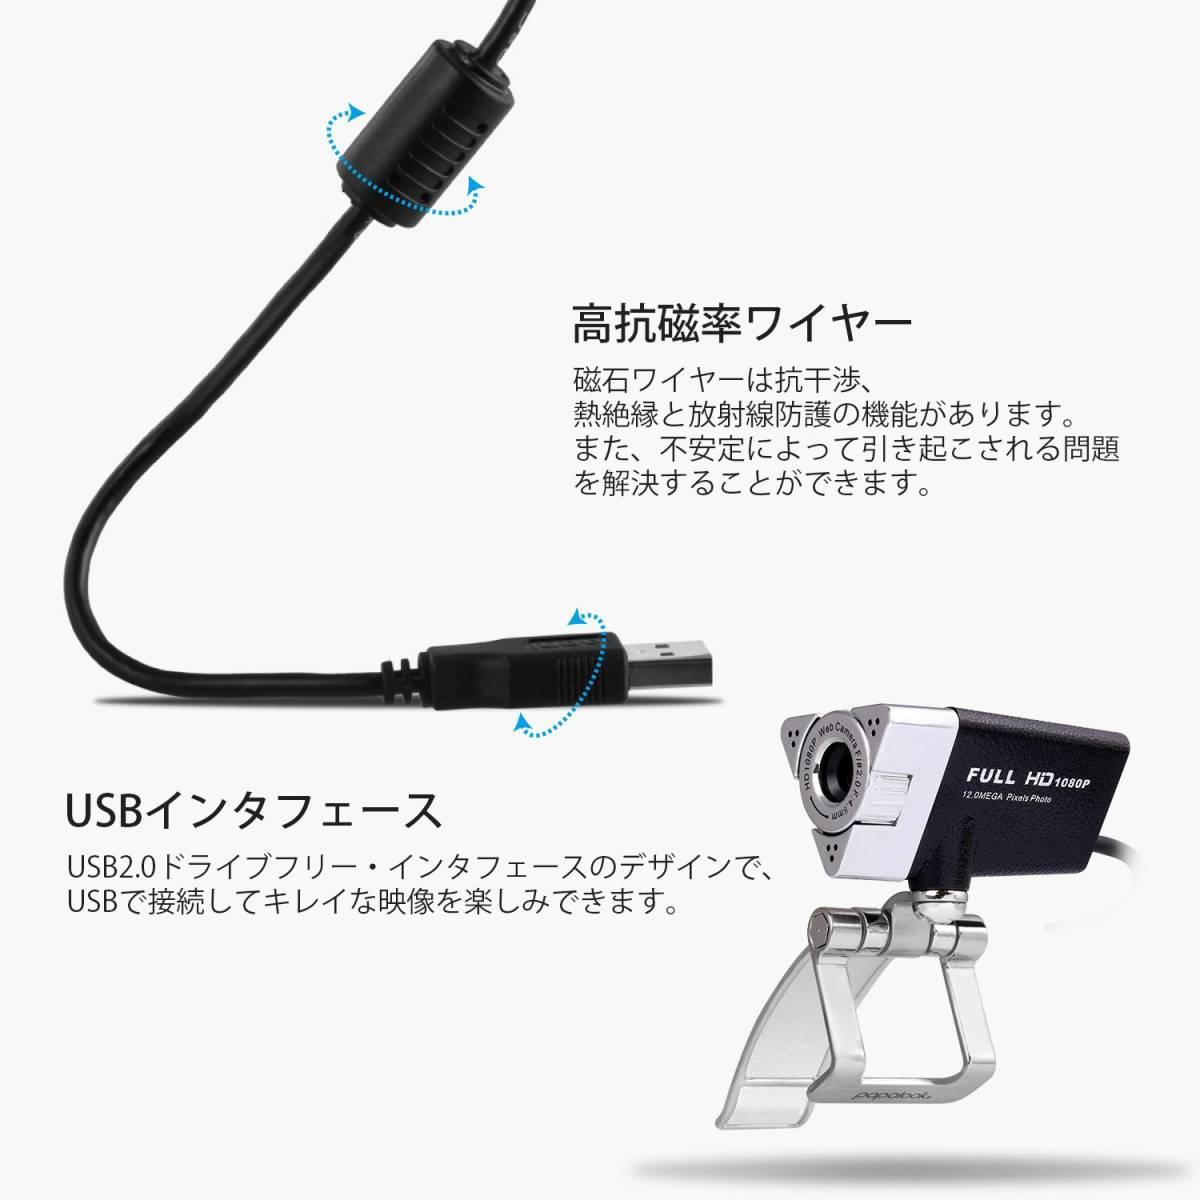 新品●PAPALOOK PA187 ウェブカメラ web カメラ Webカム HD画質 ネットワークカメラ C6480_画像8